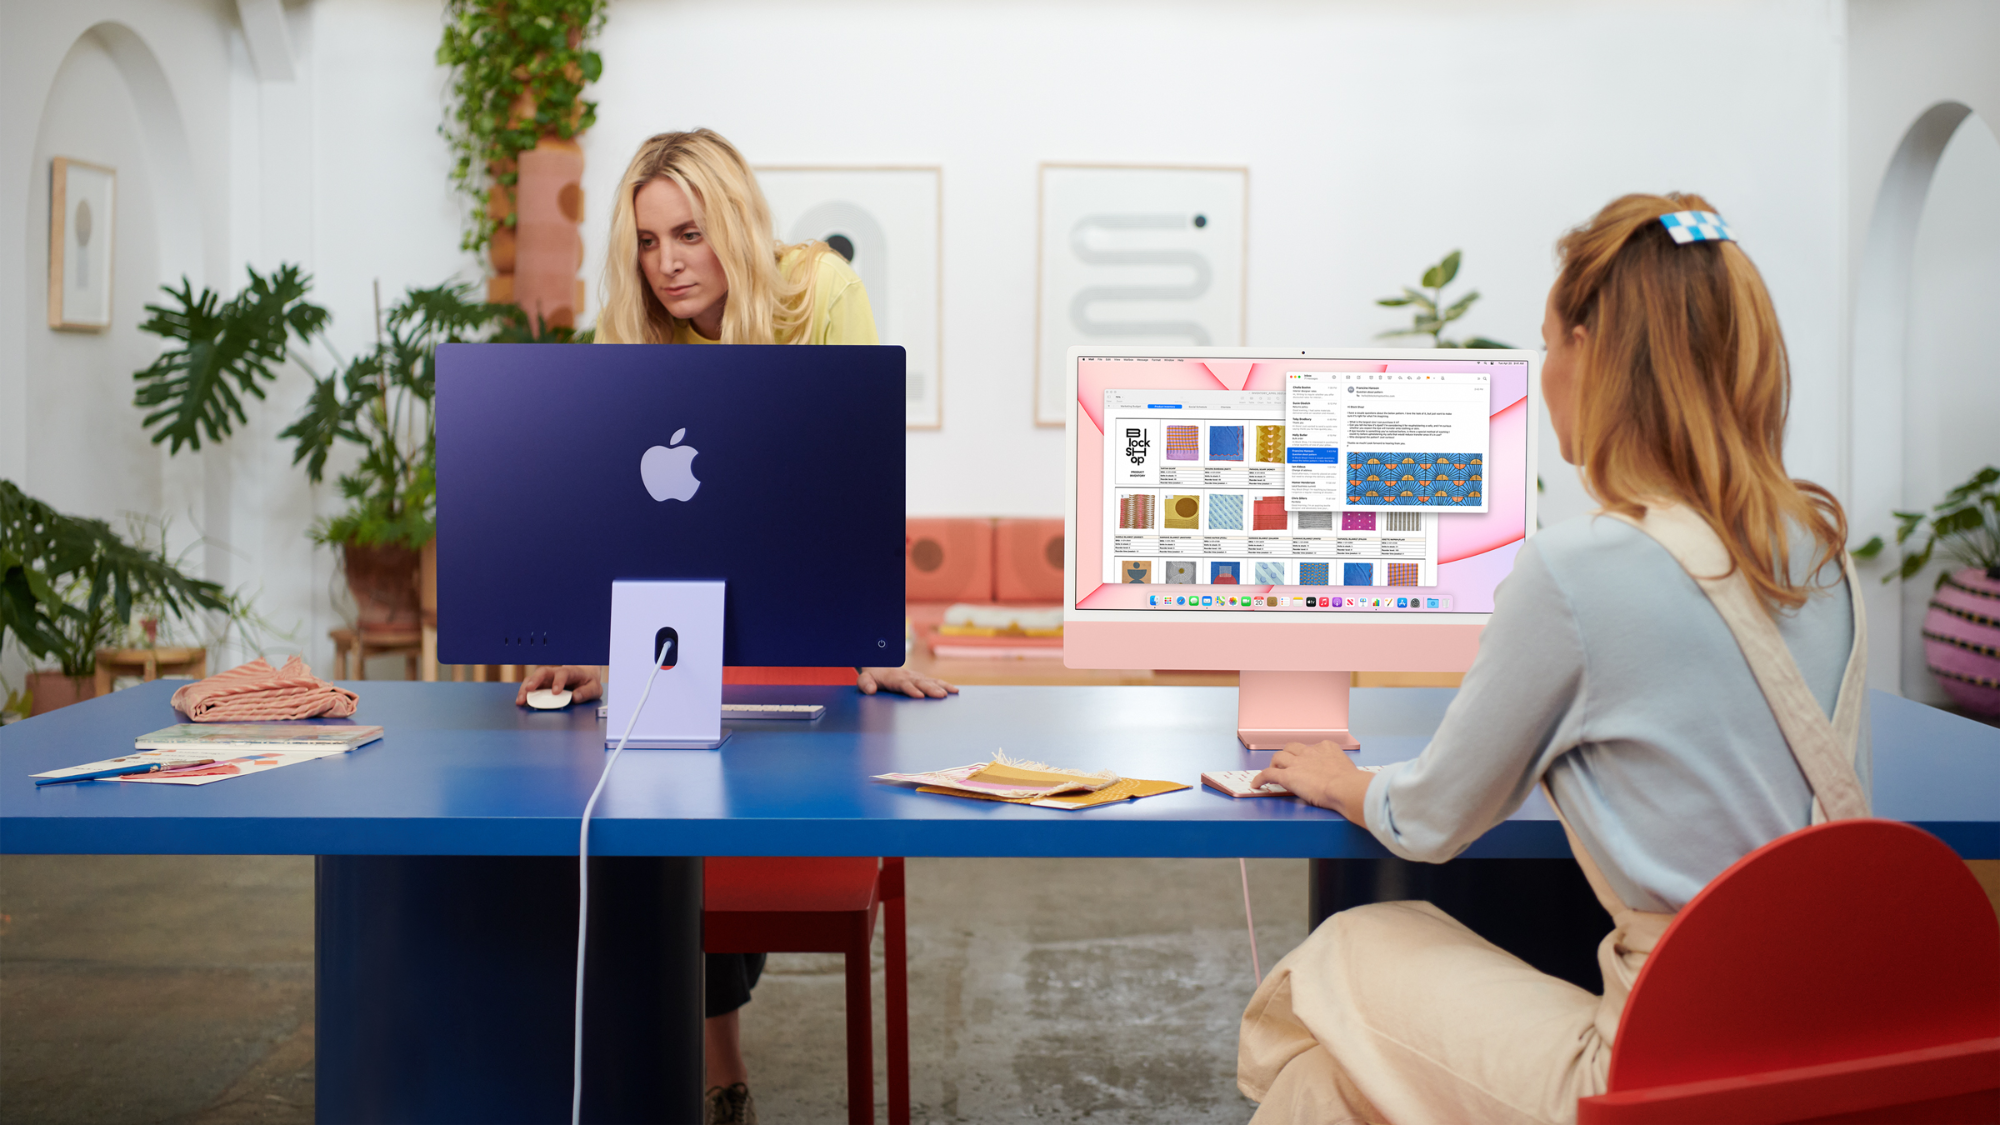 Apple pisa el acelerador: lanza nuevos iPad Pro, iMacs de colores y, por fin, los rumoreados AirTags